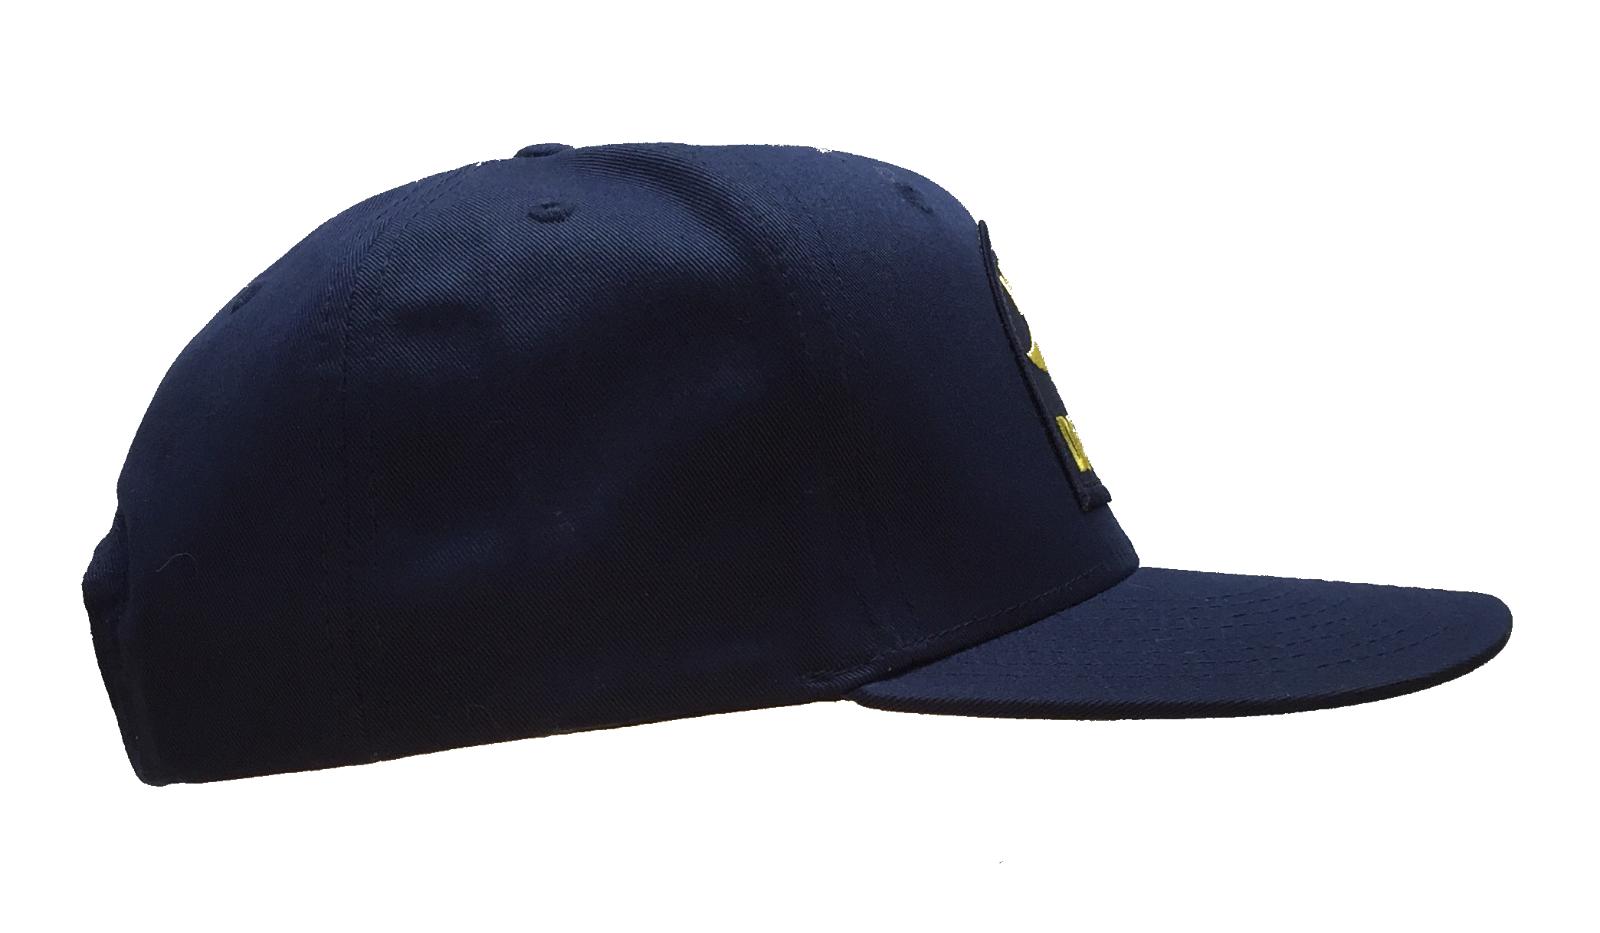 VMO2 Da Nang Magnum P.I. PI Hat VM02 Ball Cap 100% Cotton High Profile  Snapback 2 2 of 4 ... 8affc5029c48